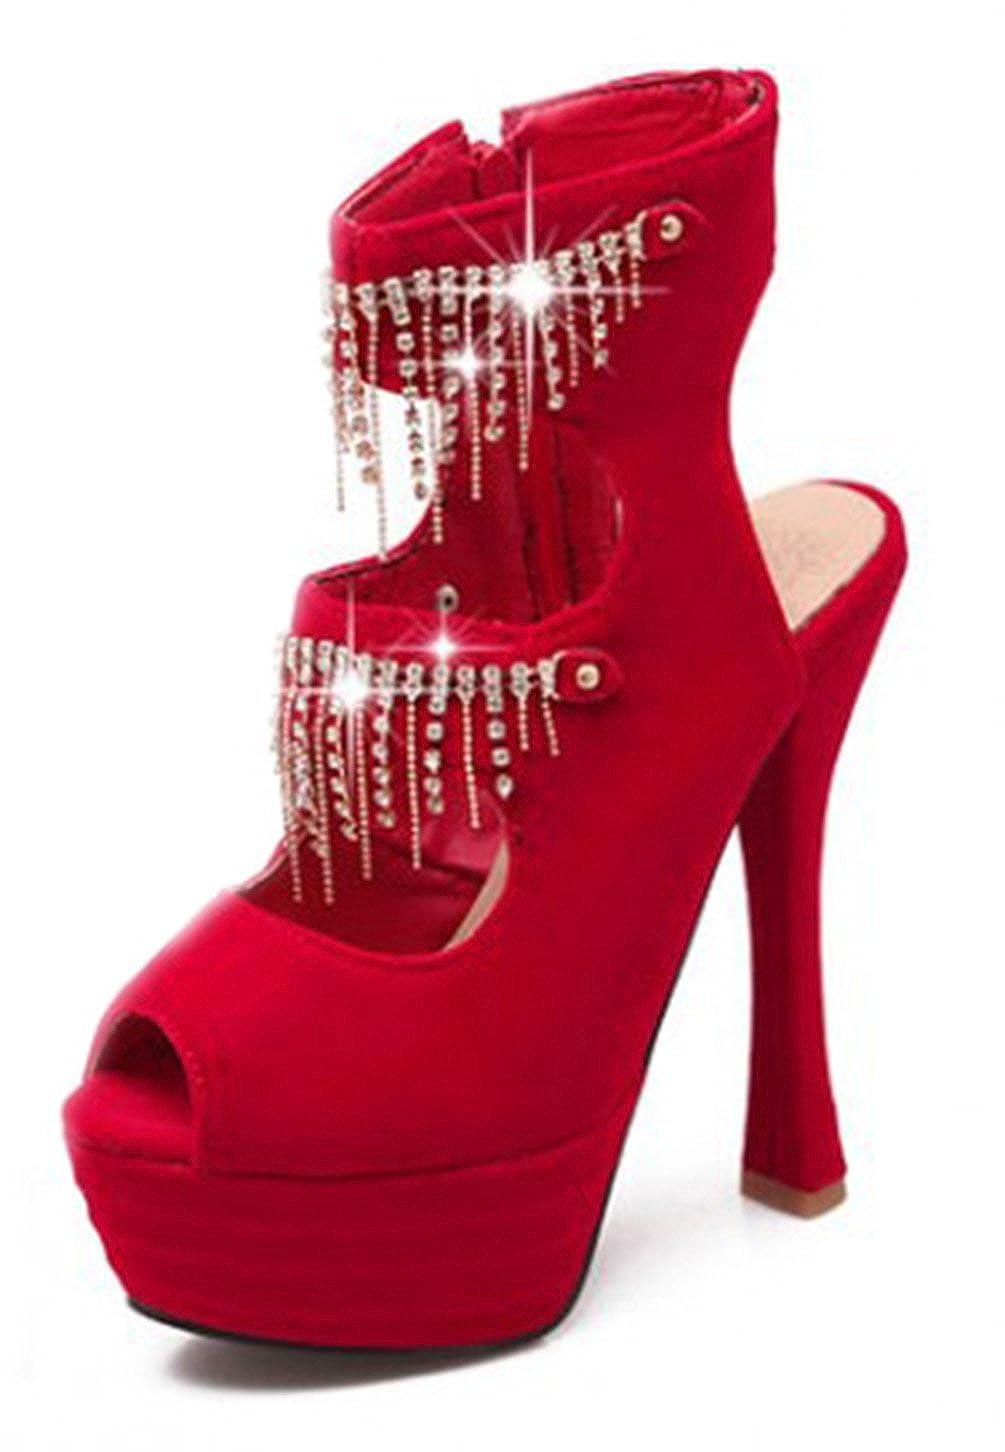 Easemax Damen Sexy Peep-Toe High Heels Plateau Cut Out Stiletto Reißverschluss Sandalen Rot 36 EU NHgLEf